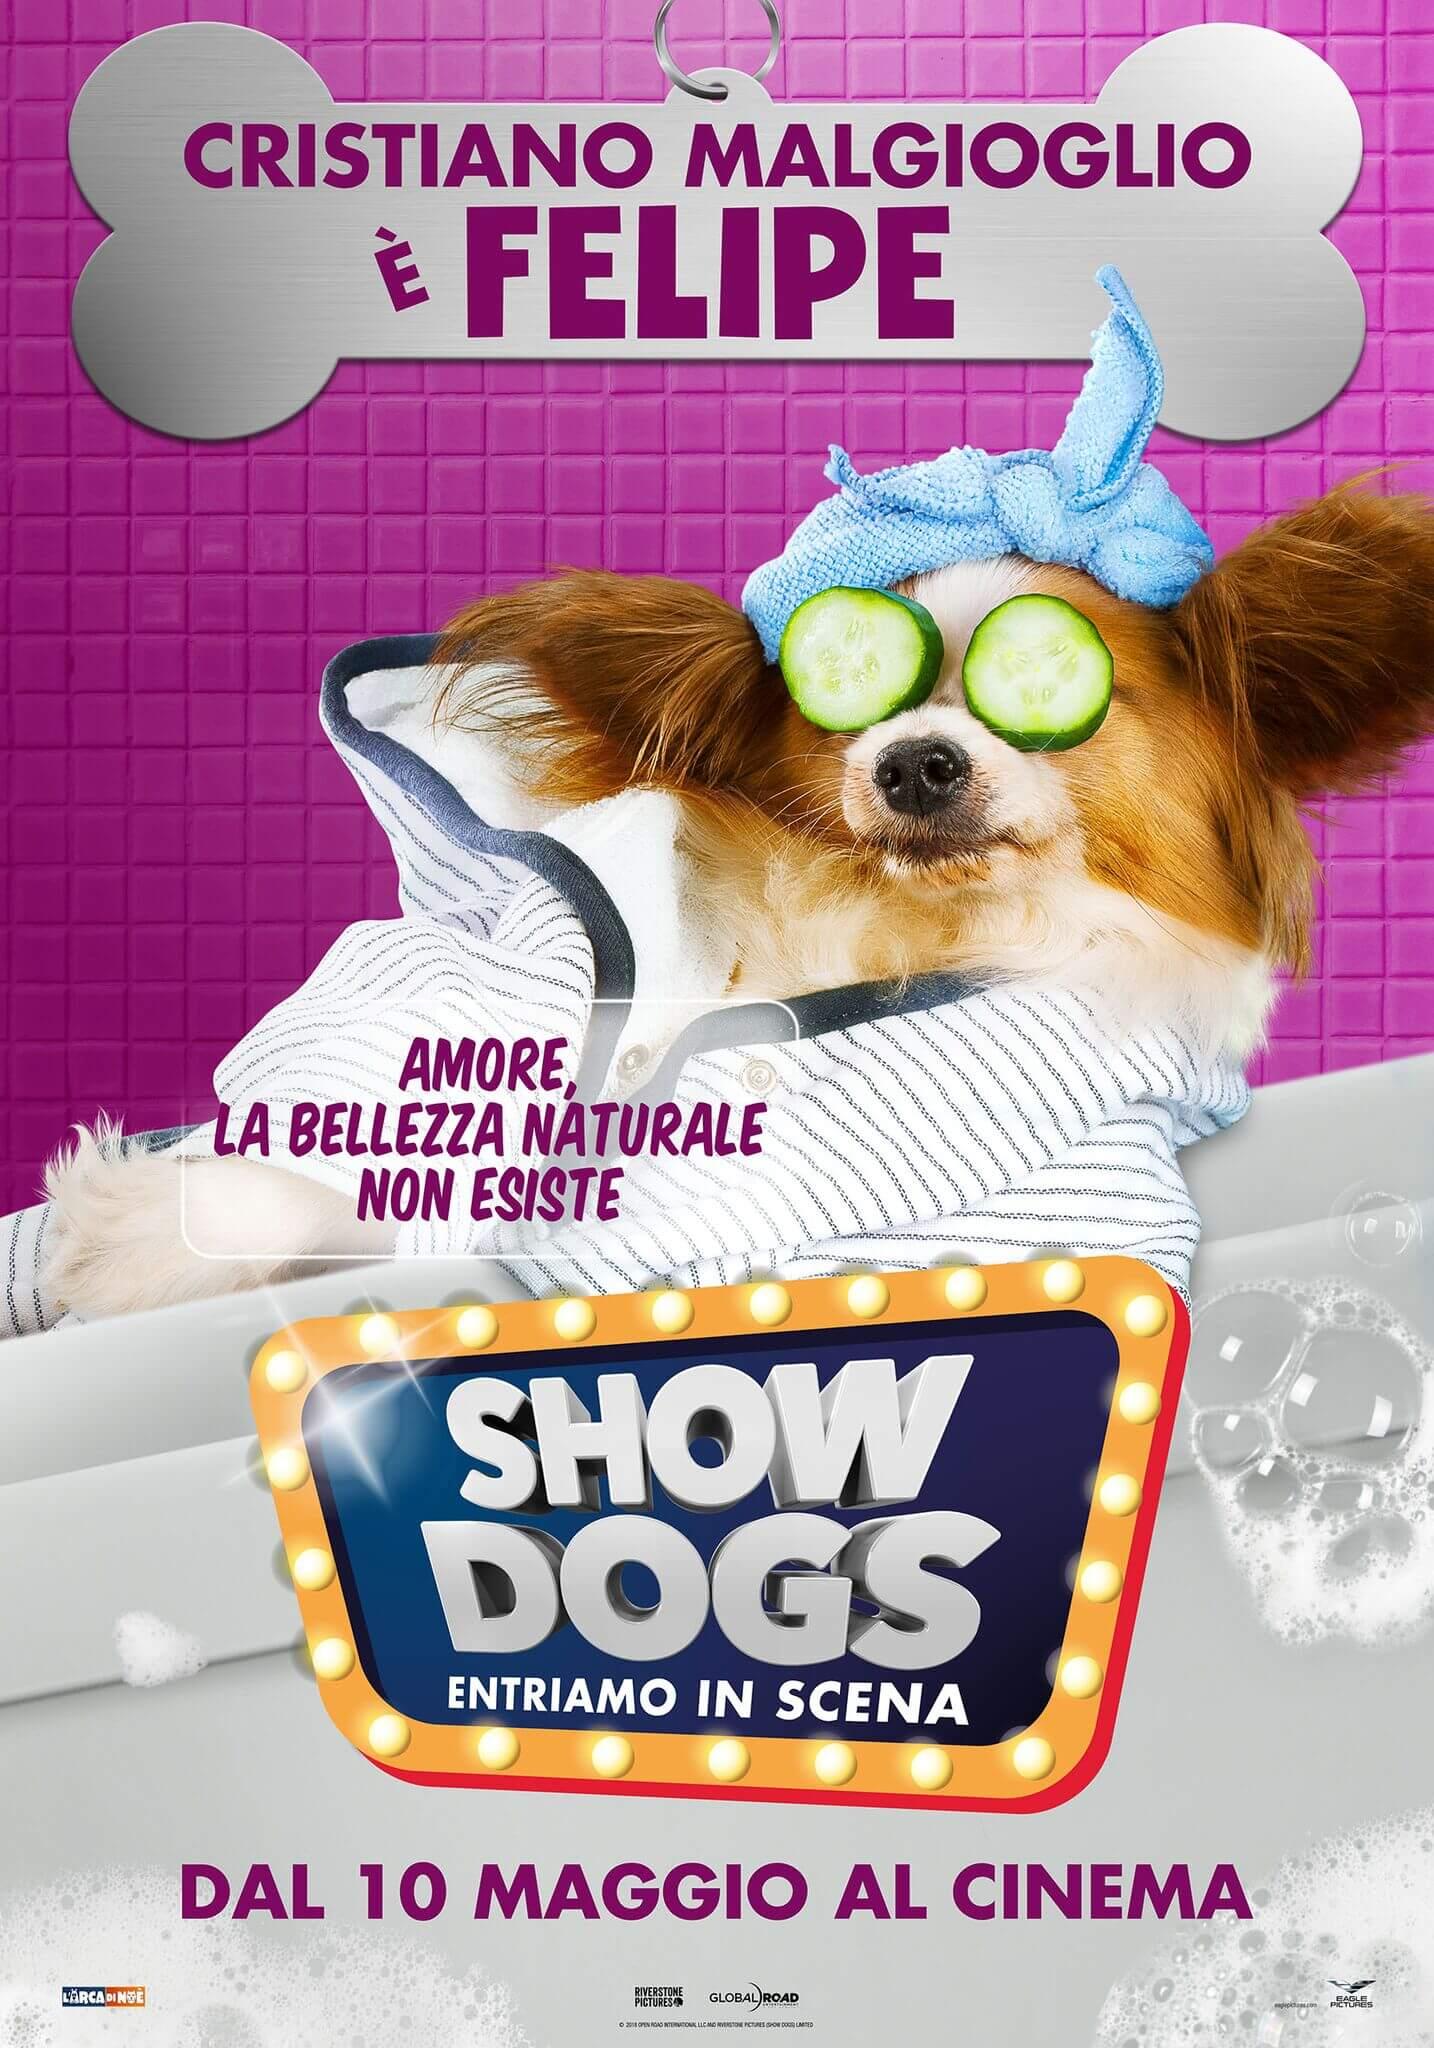 Cristiano Malgioglio show dogs